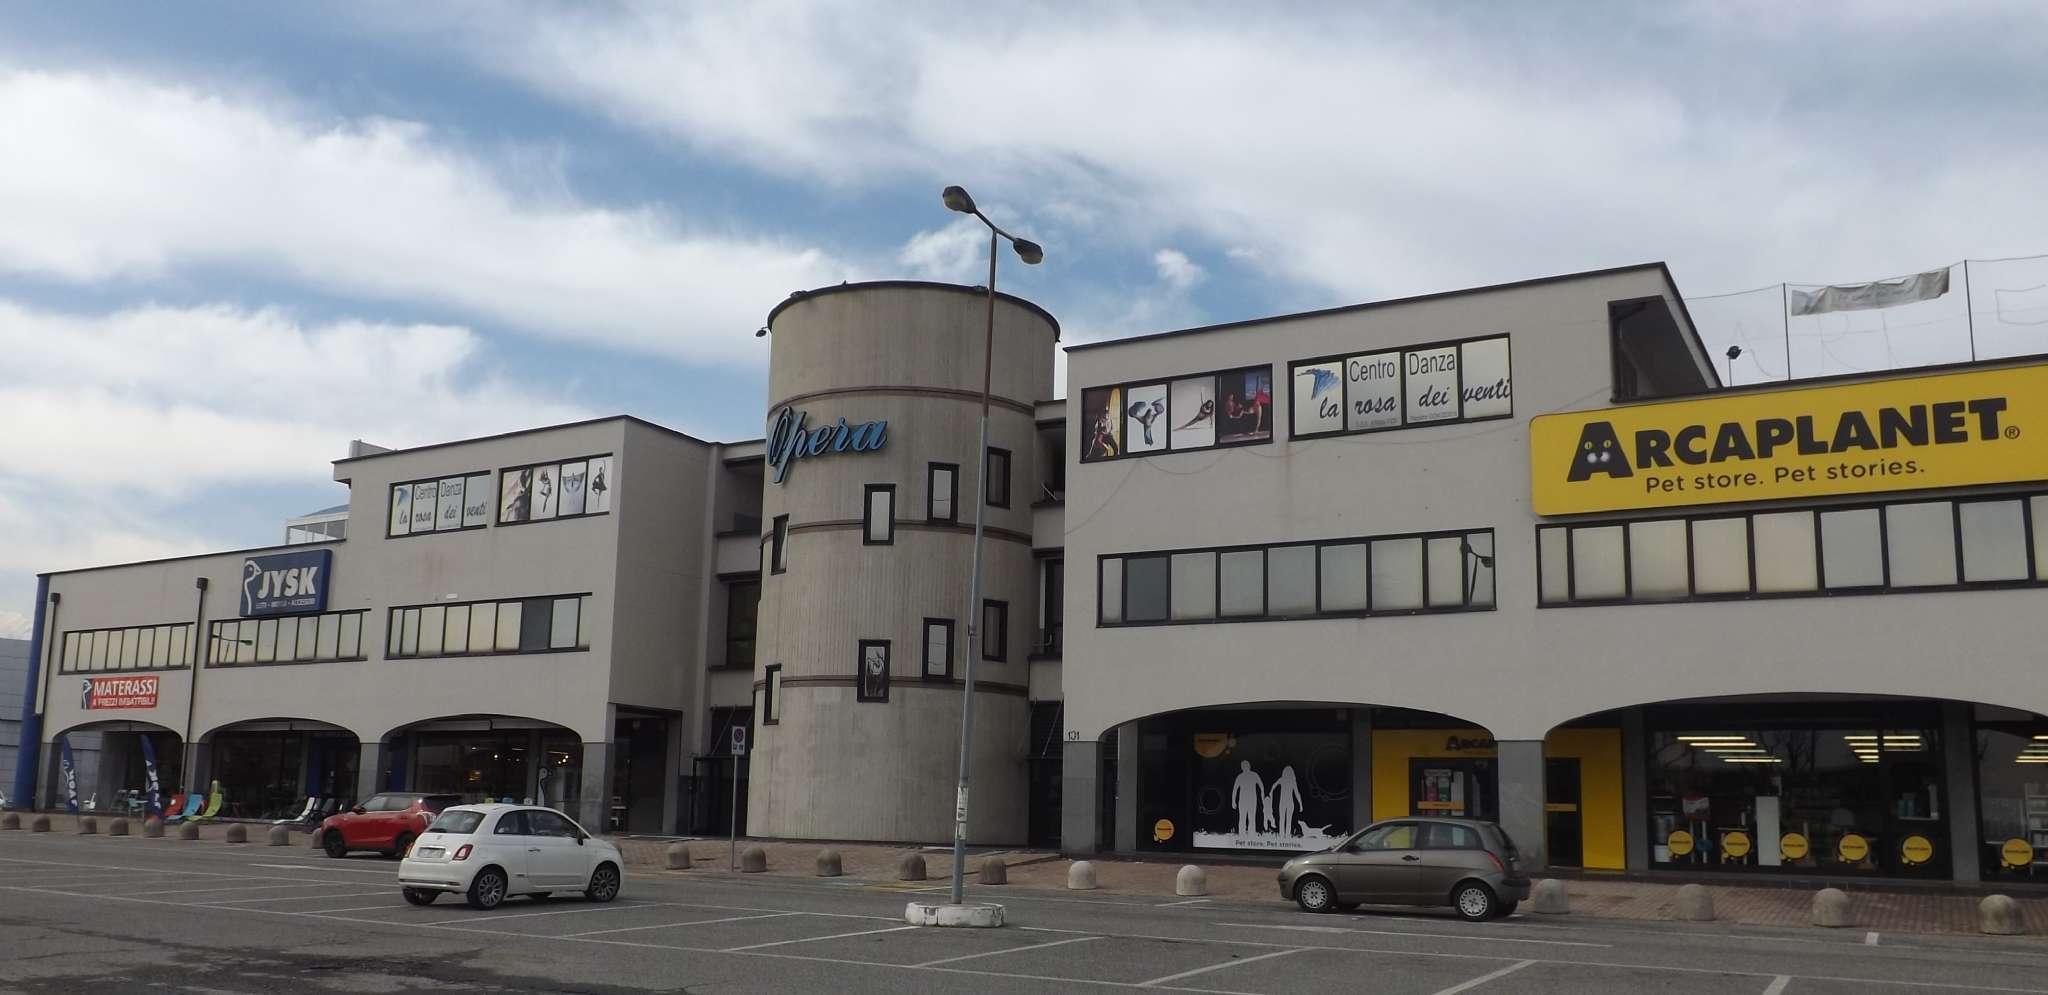 Immobile Commerciale in vendita a Alpignano, 1 locali, prezzo € 2.650.000 | PortaleAgenzieImmobiliari.it